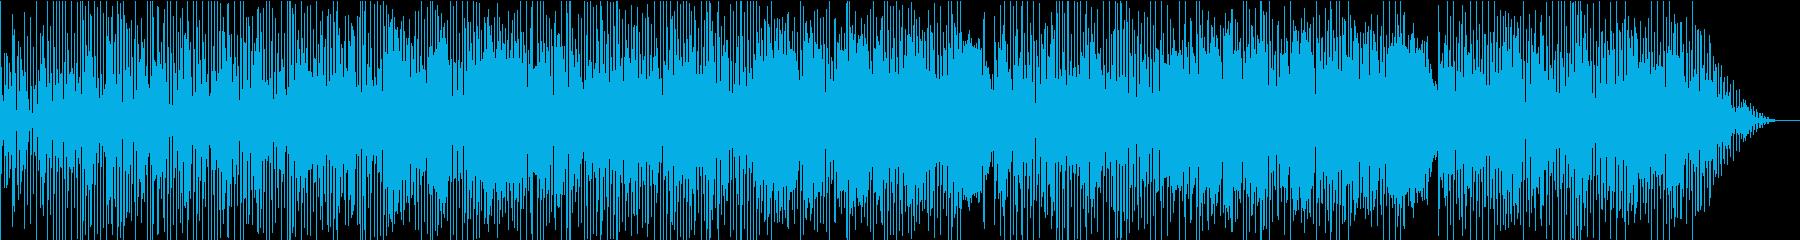 英詞ラブソングの王道シティポップの再生済みの波形